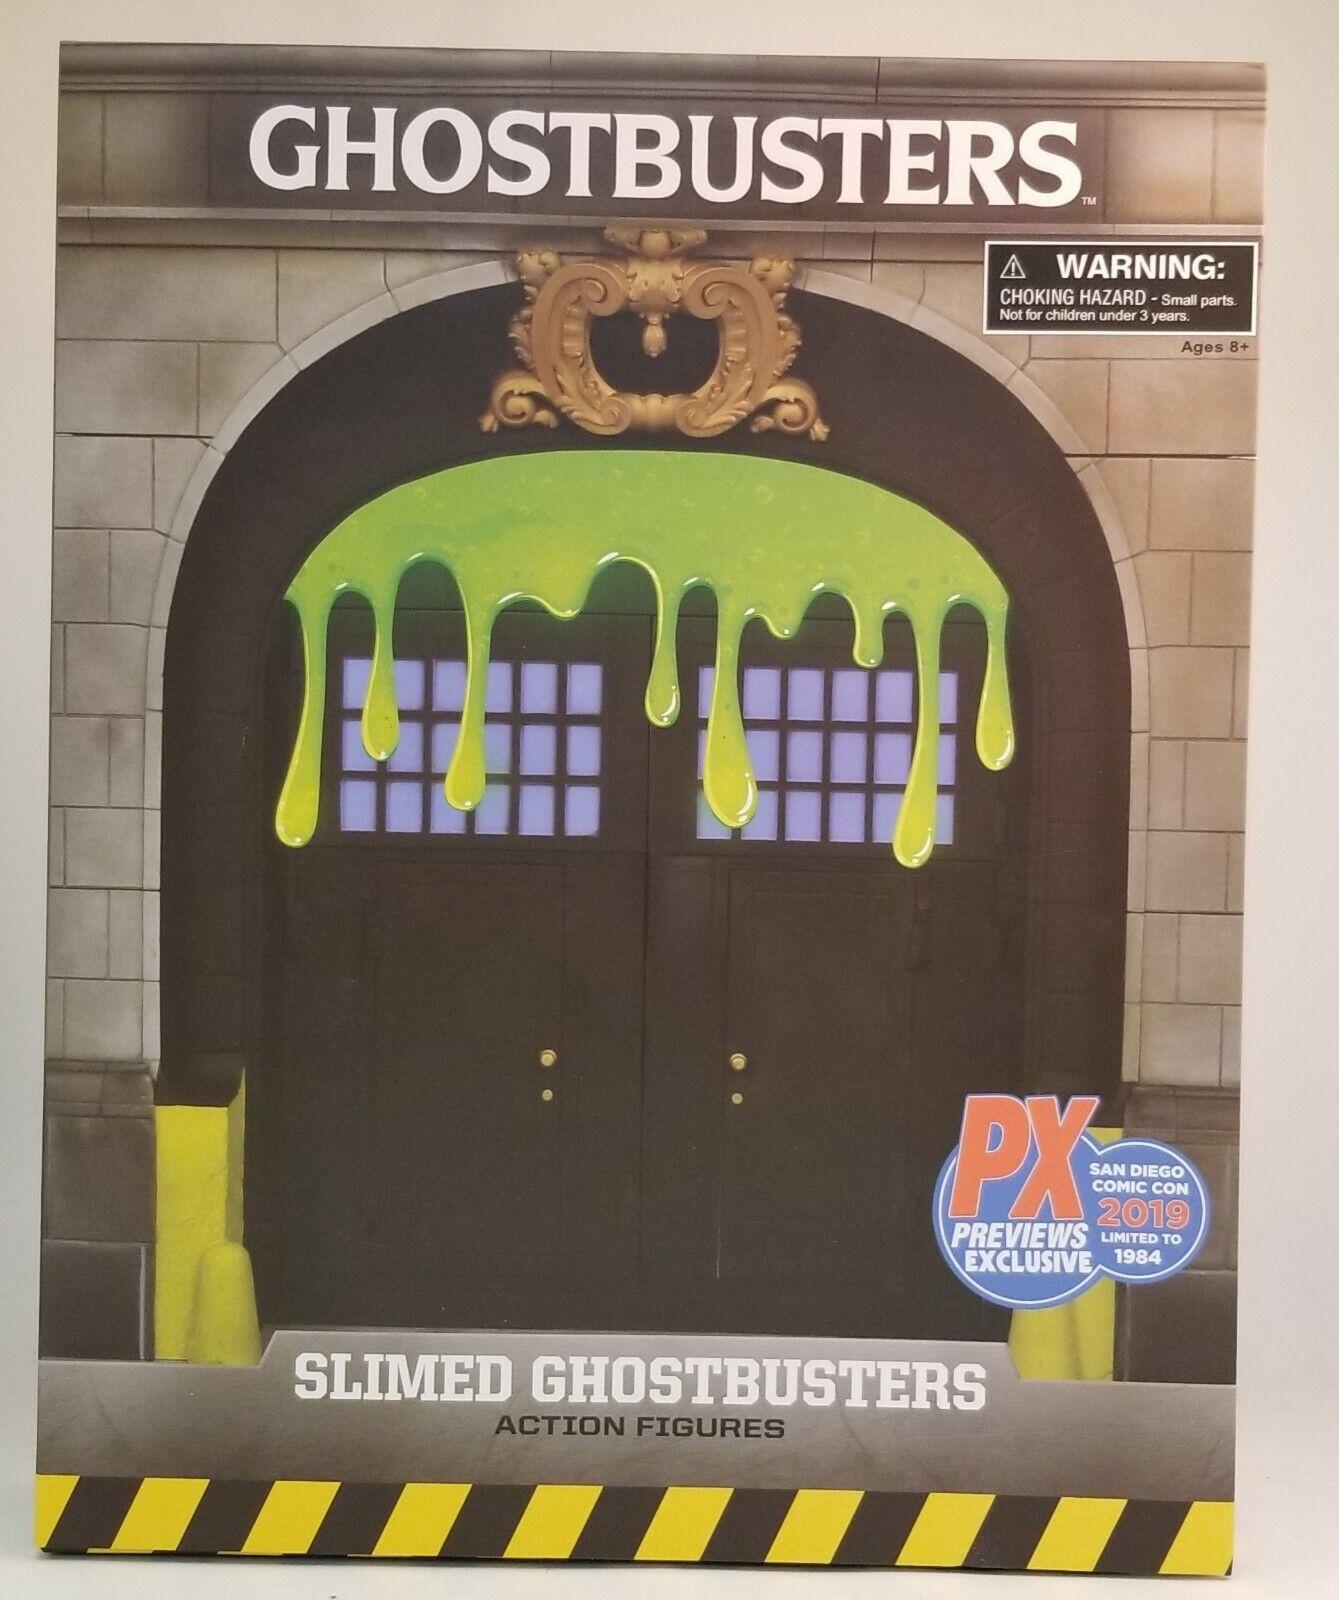 Ghostautoautobusters SLIMED GHOSTautoautobusTERS azione cifras PX SDCC 2019 Diamond  Select  promozioni di sconto